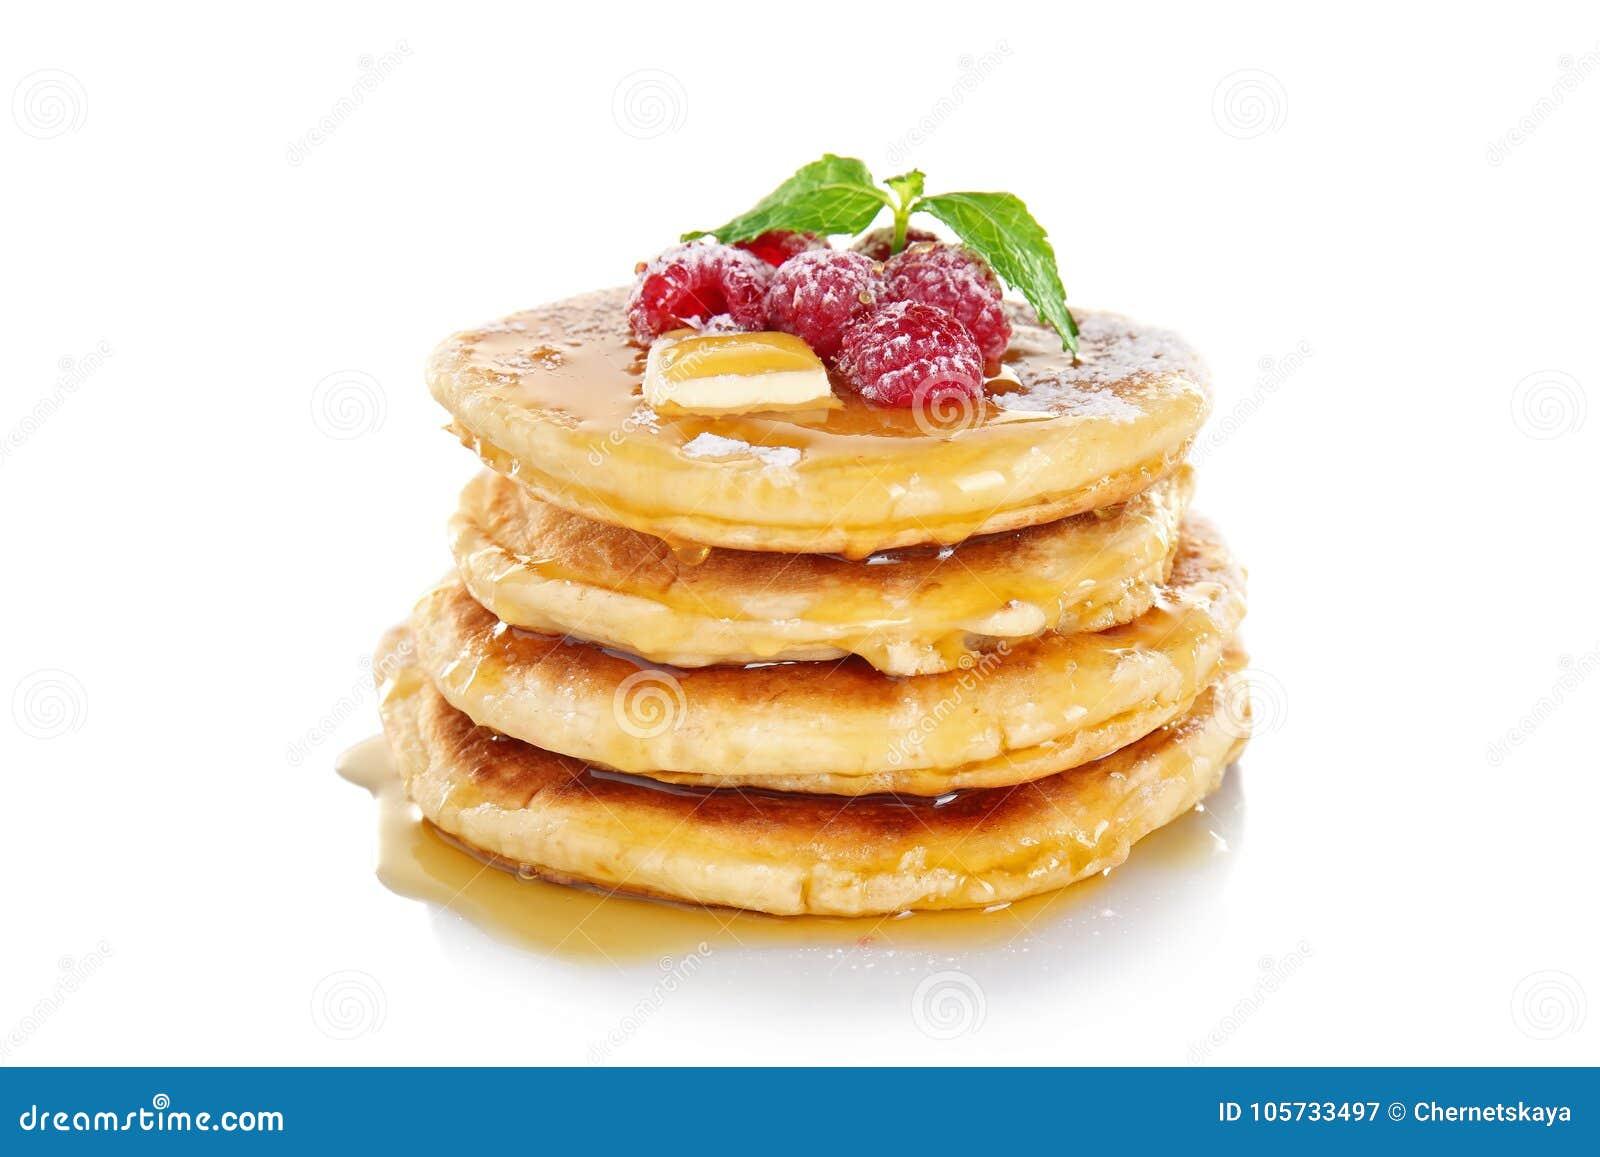 Stapel verse pannekoeken met berrie